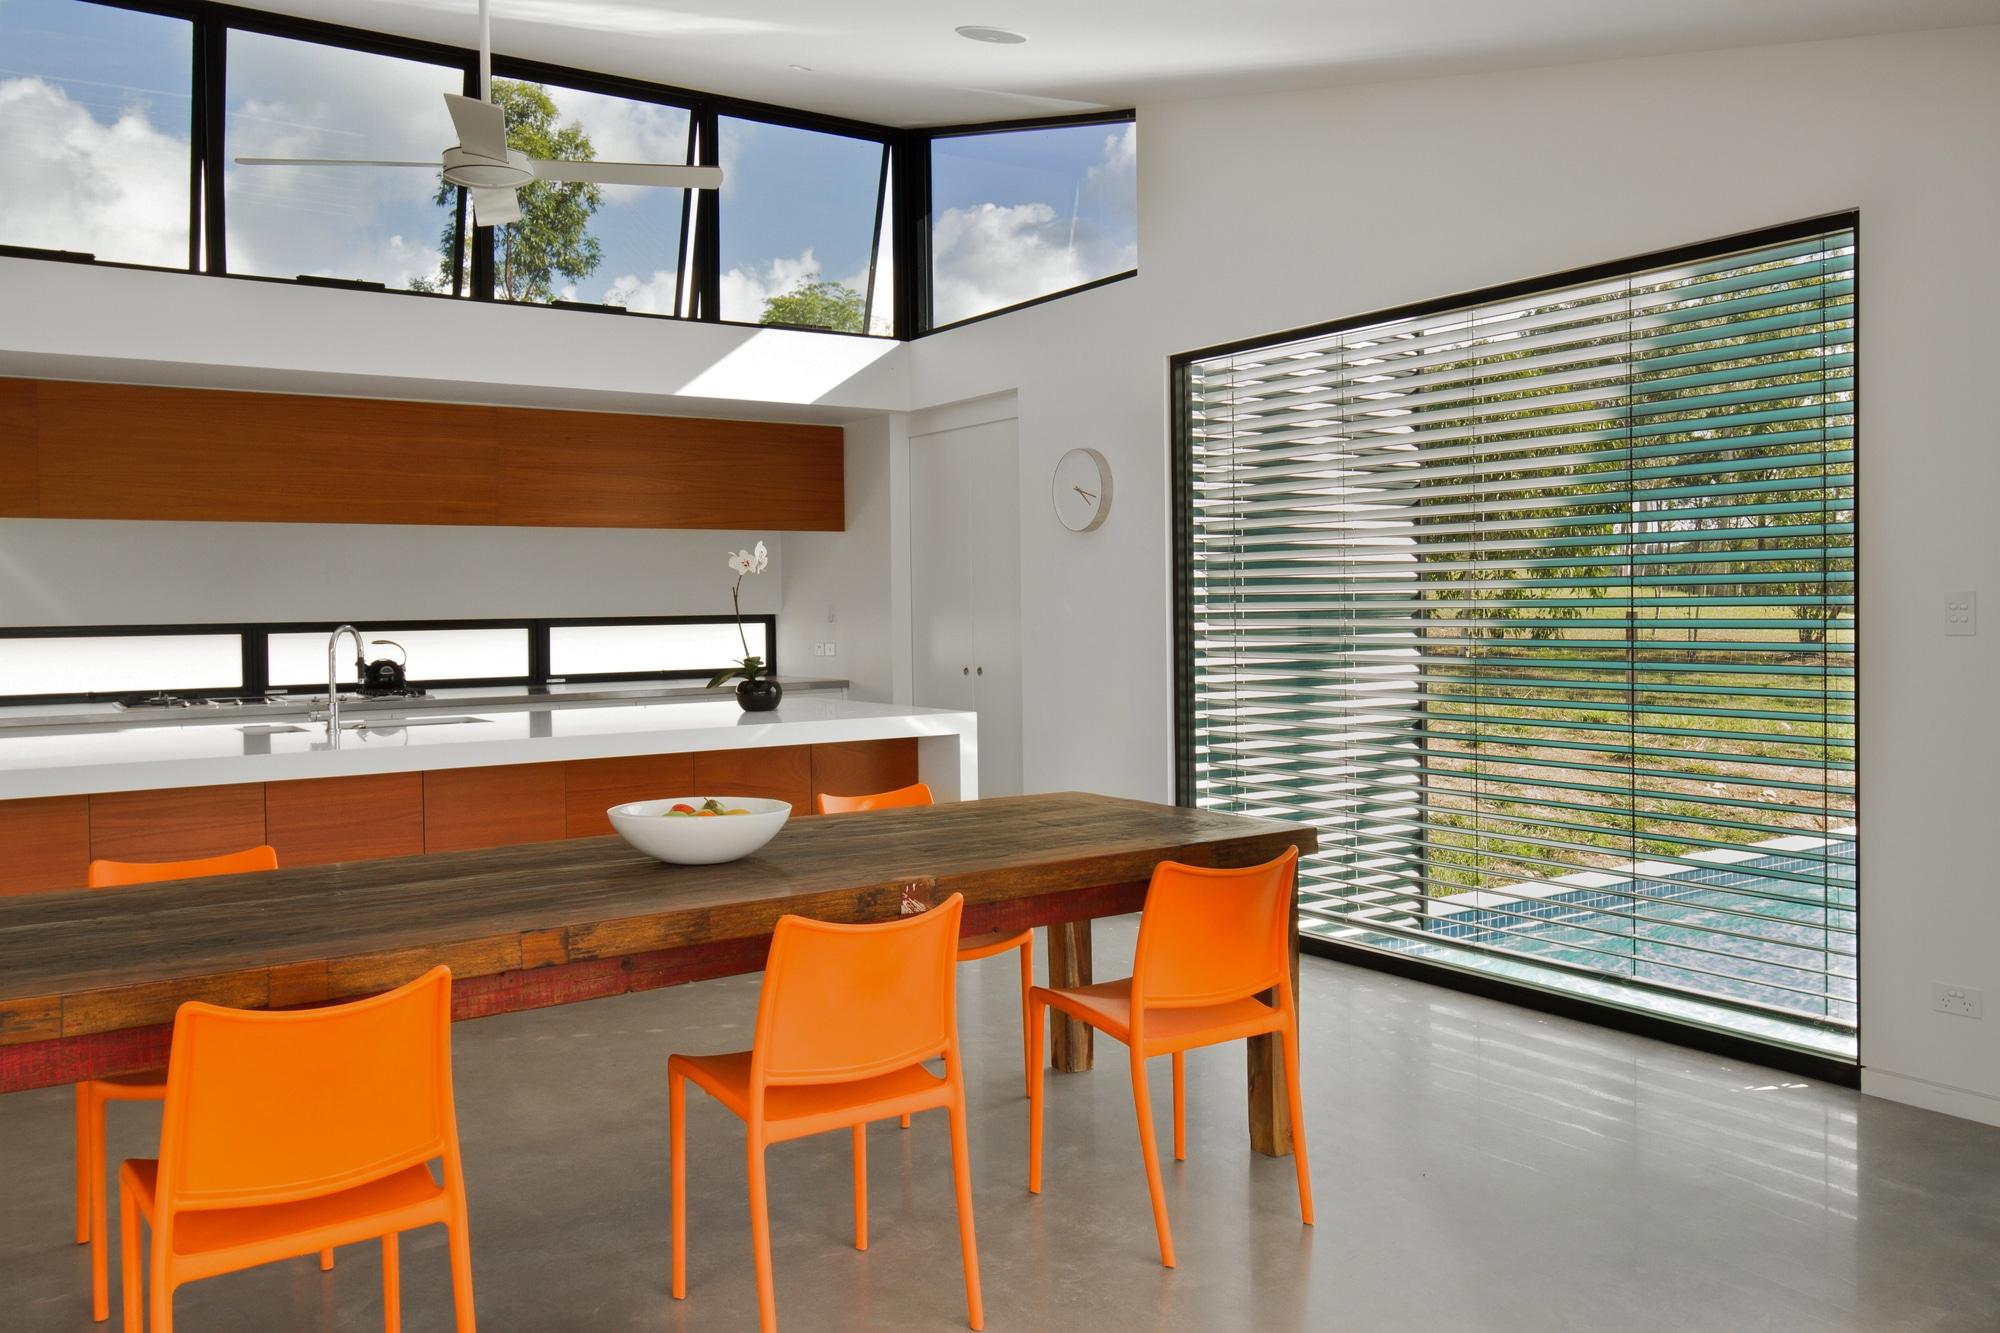 Dise o de casa moderna en terreno largo y angosto for Disenos de cocinas comedor